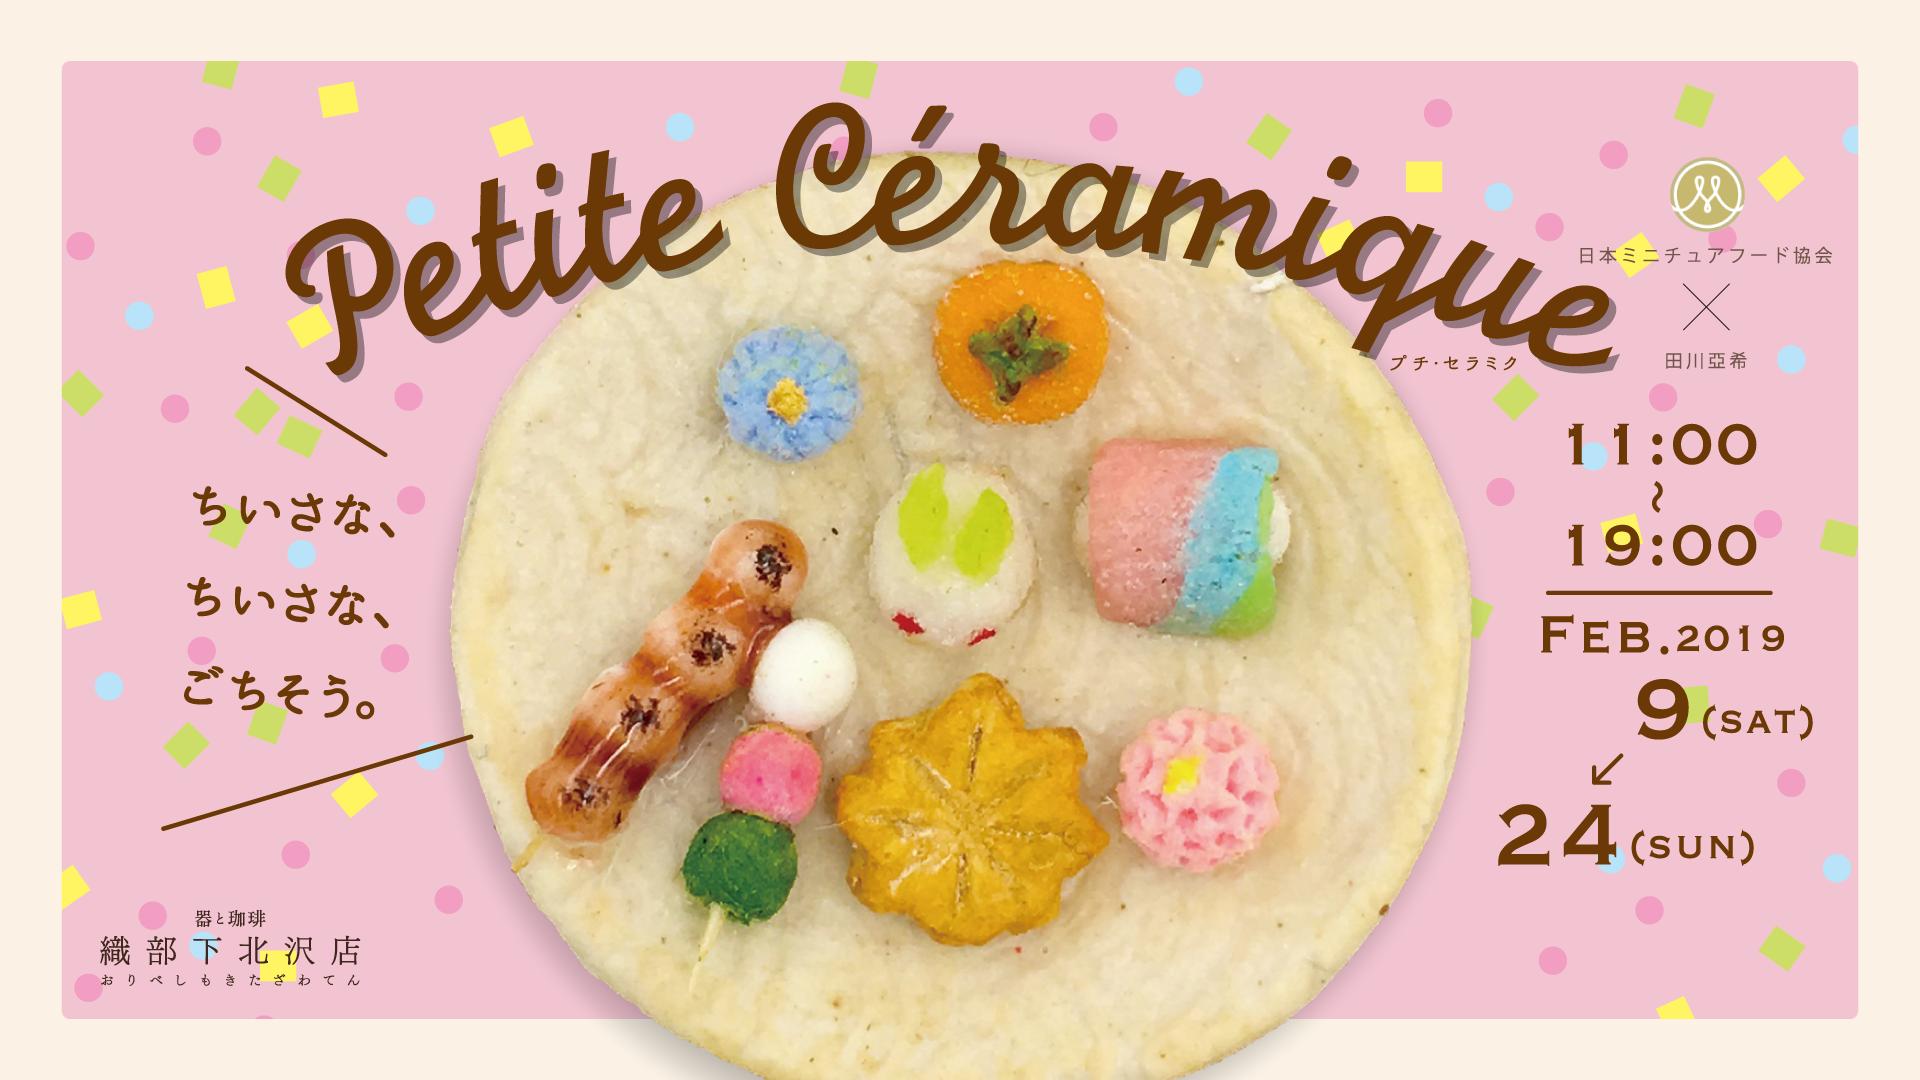 日本ミニチュアフード協会 x 田川亞希『Petite Céramique(プチ・セラミク)』